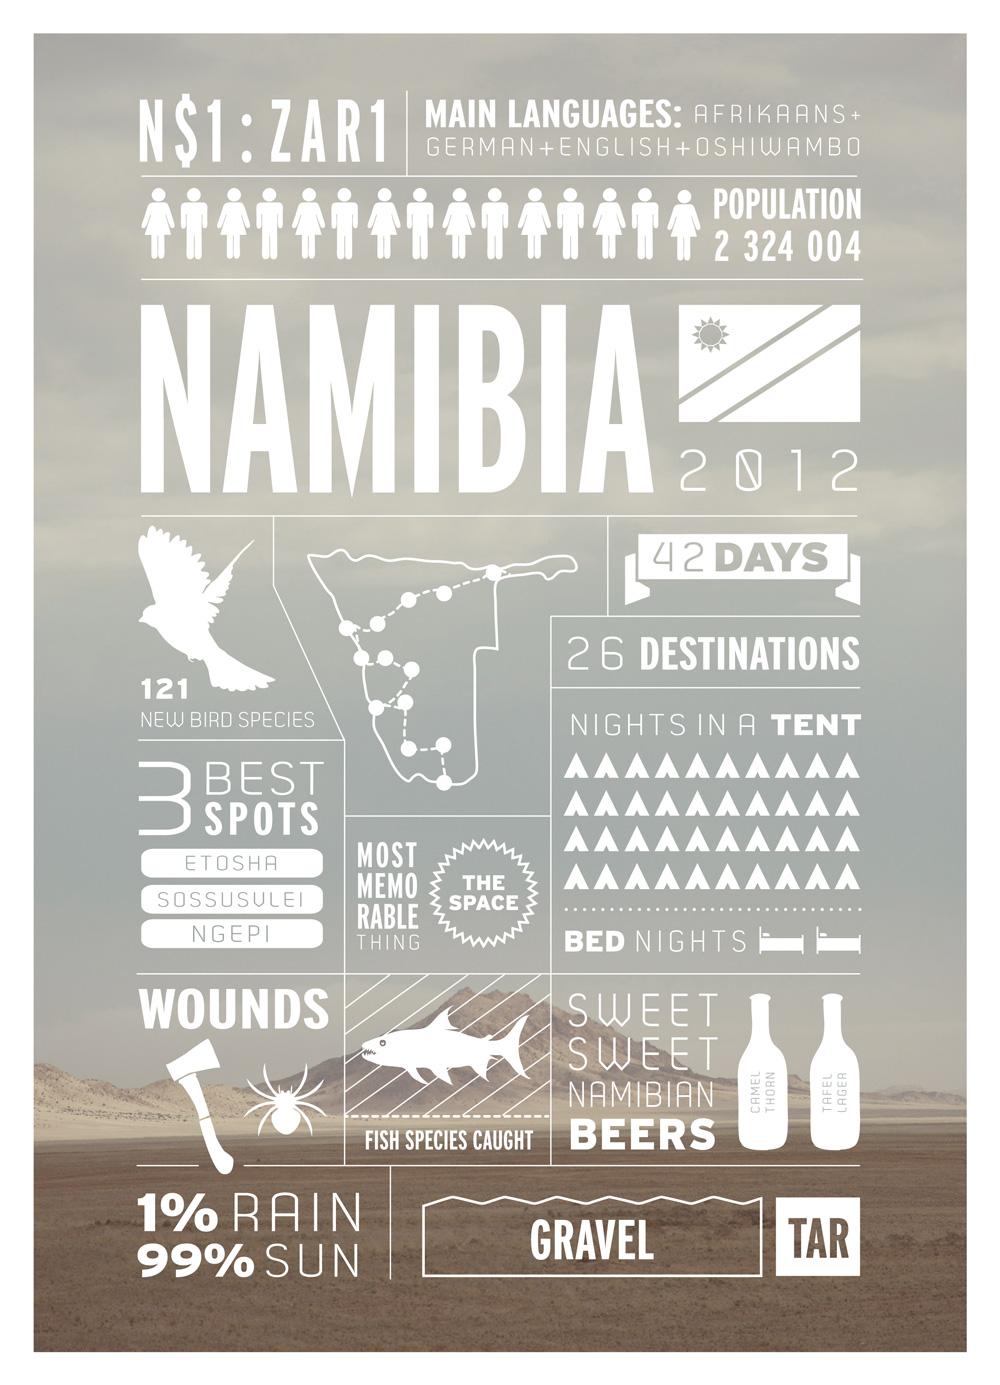 1.NAMIBIA